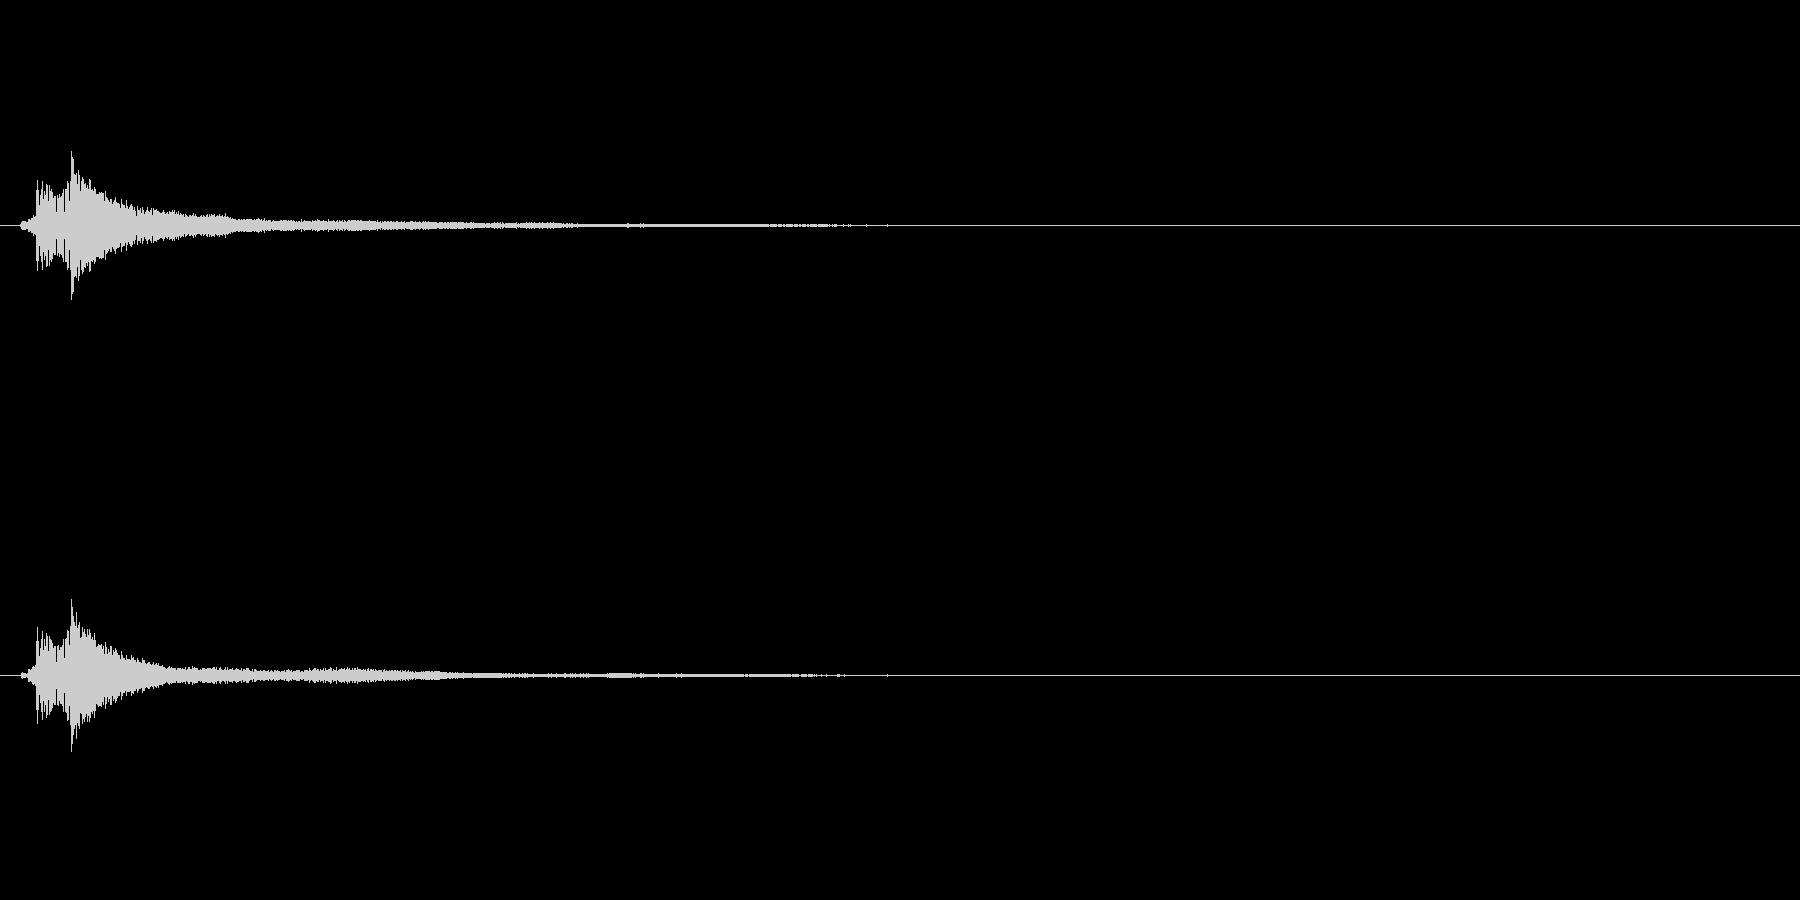 サウンドロゴ(企業ロゴ)_013の未再生の波形